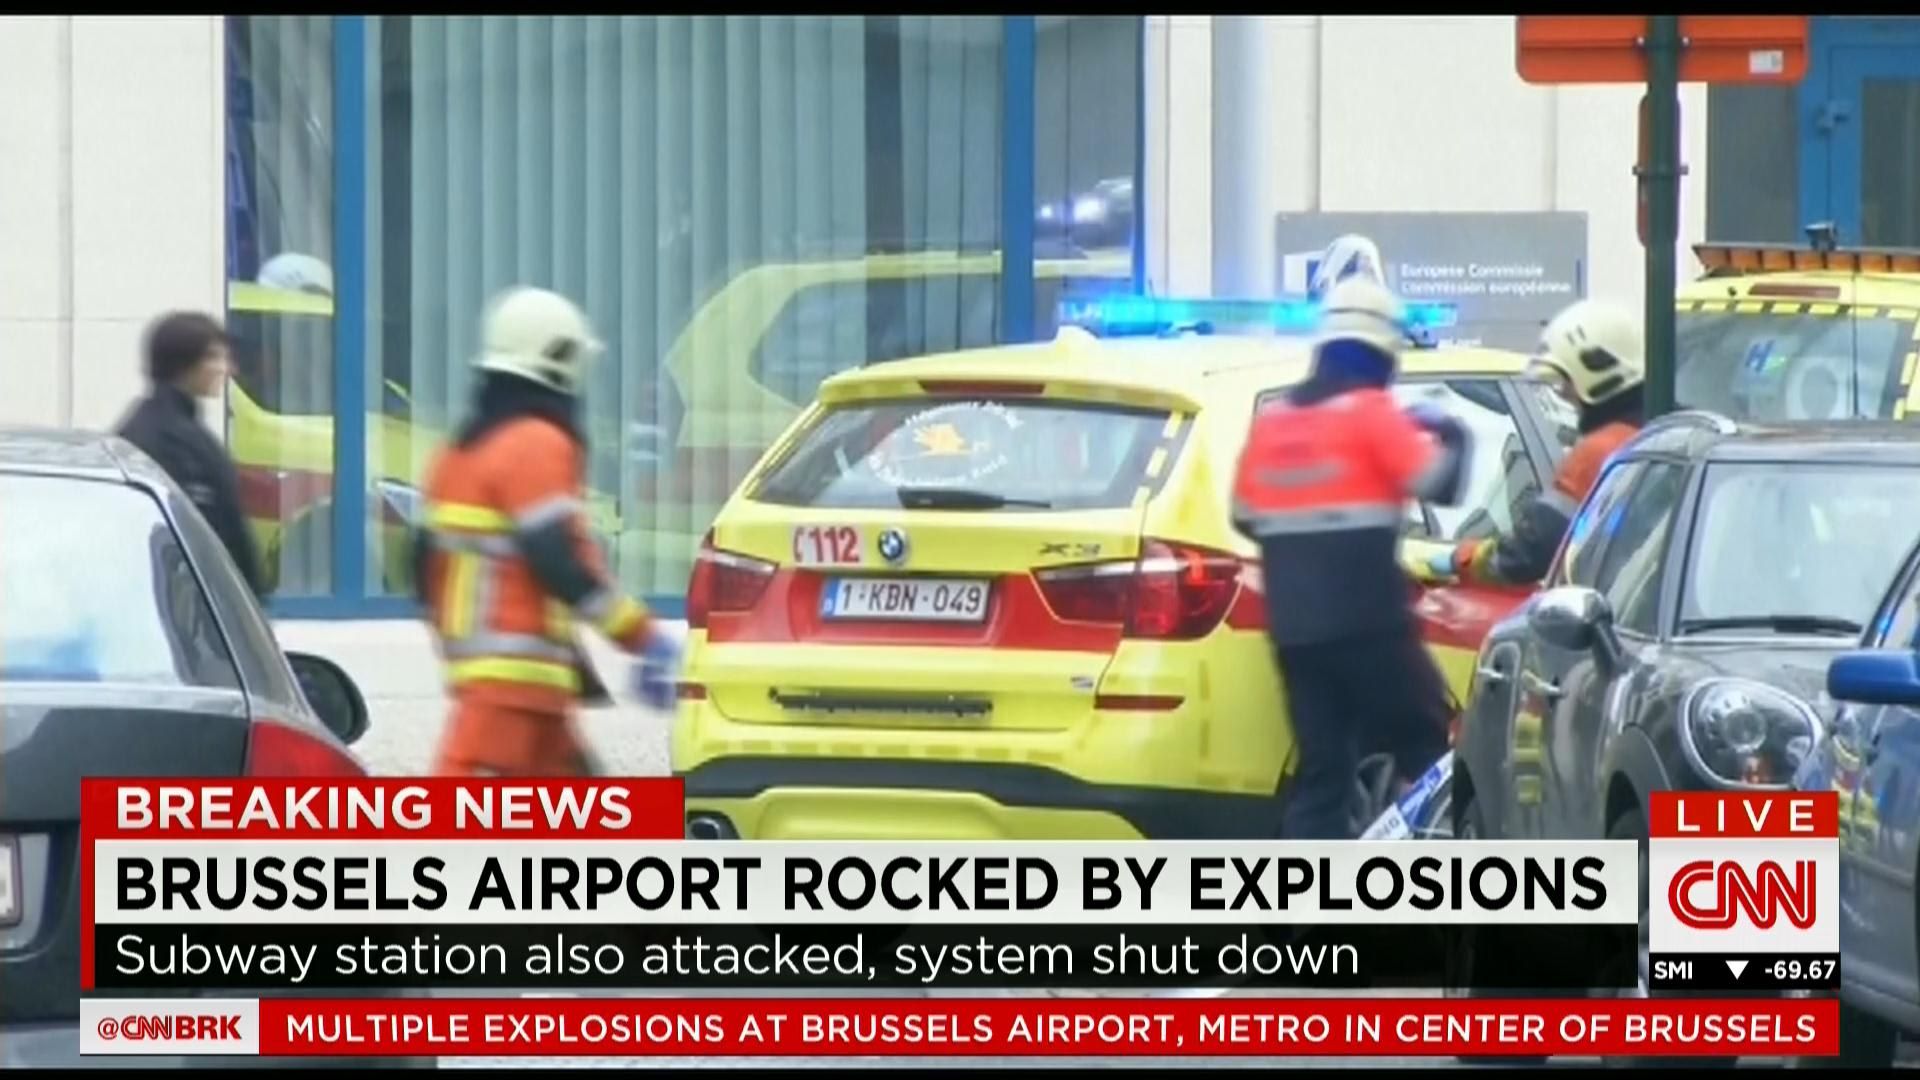 بلجيكا: تزامنا مع تفجيرات المطار.. انفجار جديد في مترو الانفاق في بروكسل وإغلاق جميع محطات القطارات